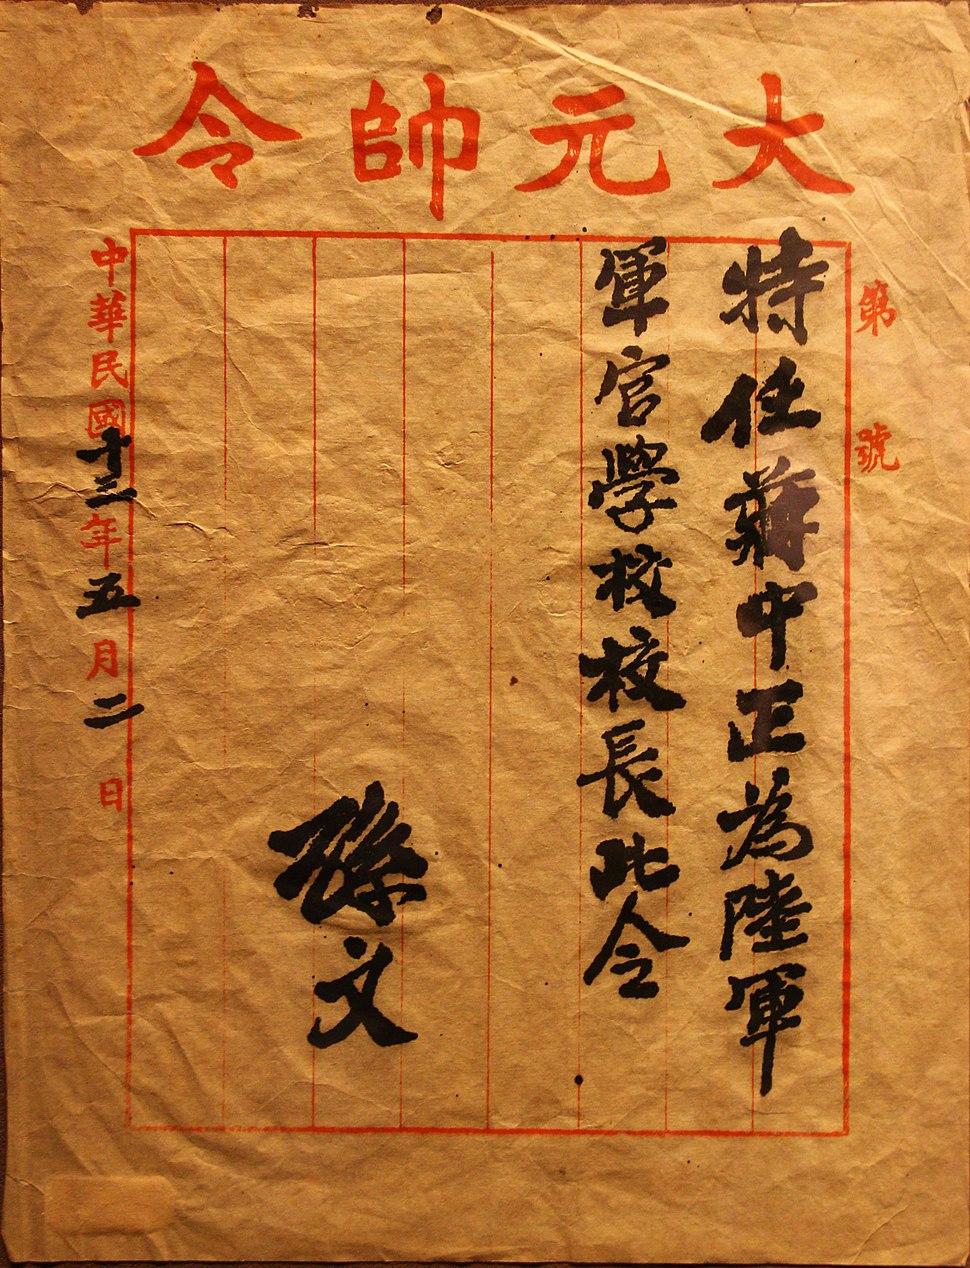 孫中山任命蔣中正為陸軍軍官學校校長的委任狀